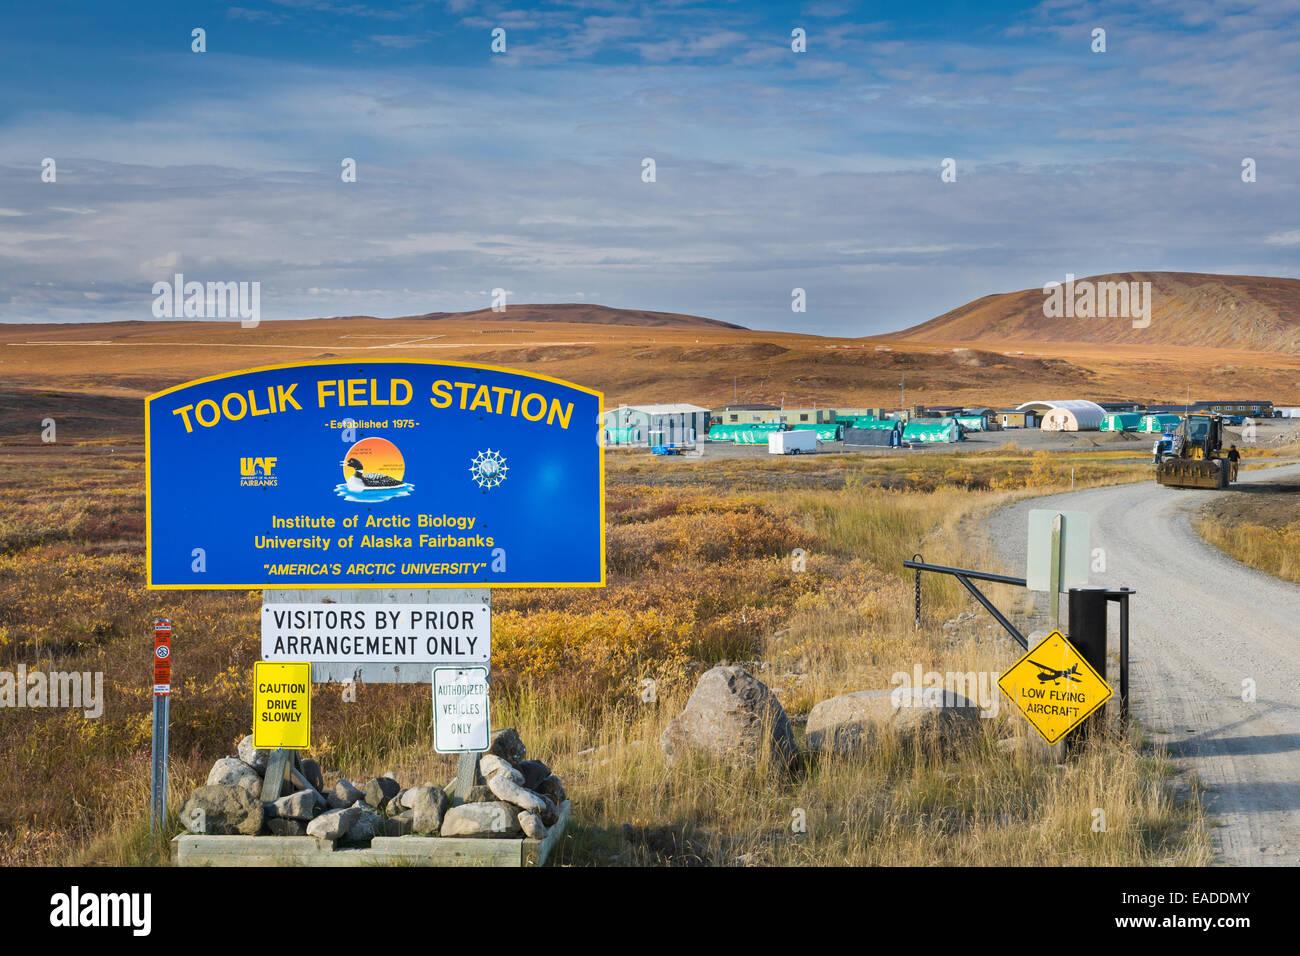 Universidad de Alaska, del Instituto de Biología Ártica Toolik Field Station, Brooks, Alaska. Imagen De Stock